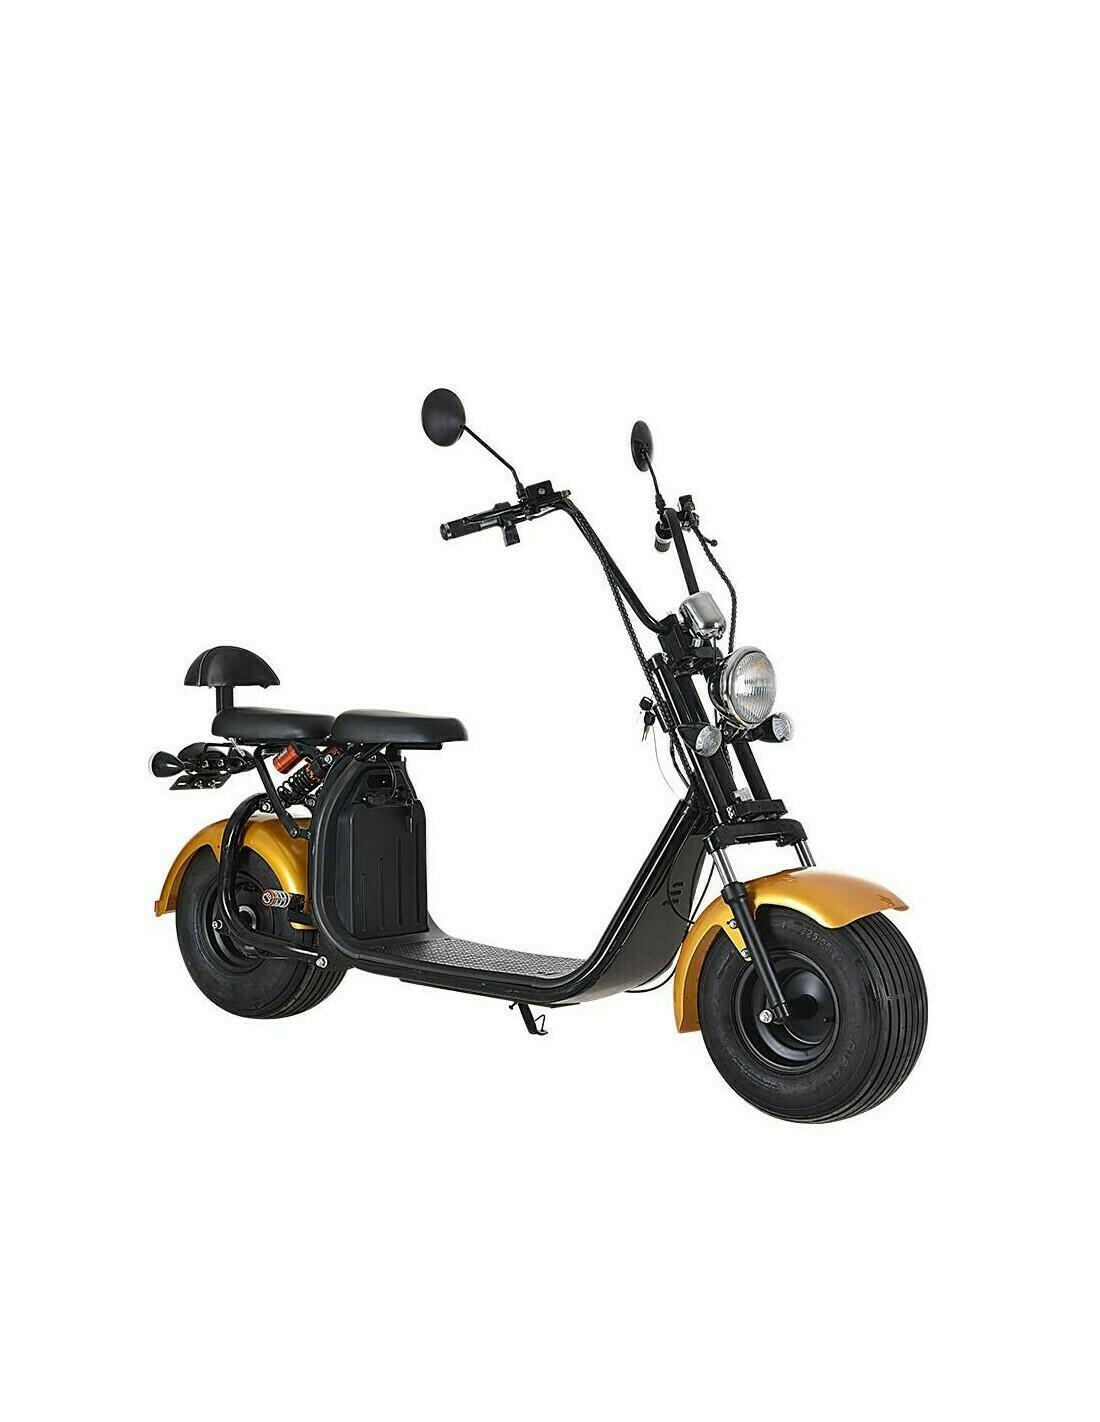 Scooter  Electrique City Coco Cool Homologué Route - Carte grise - Champagne